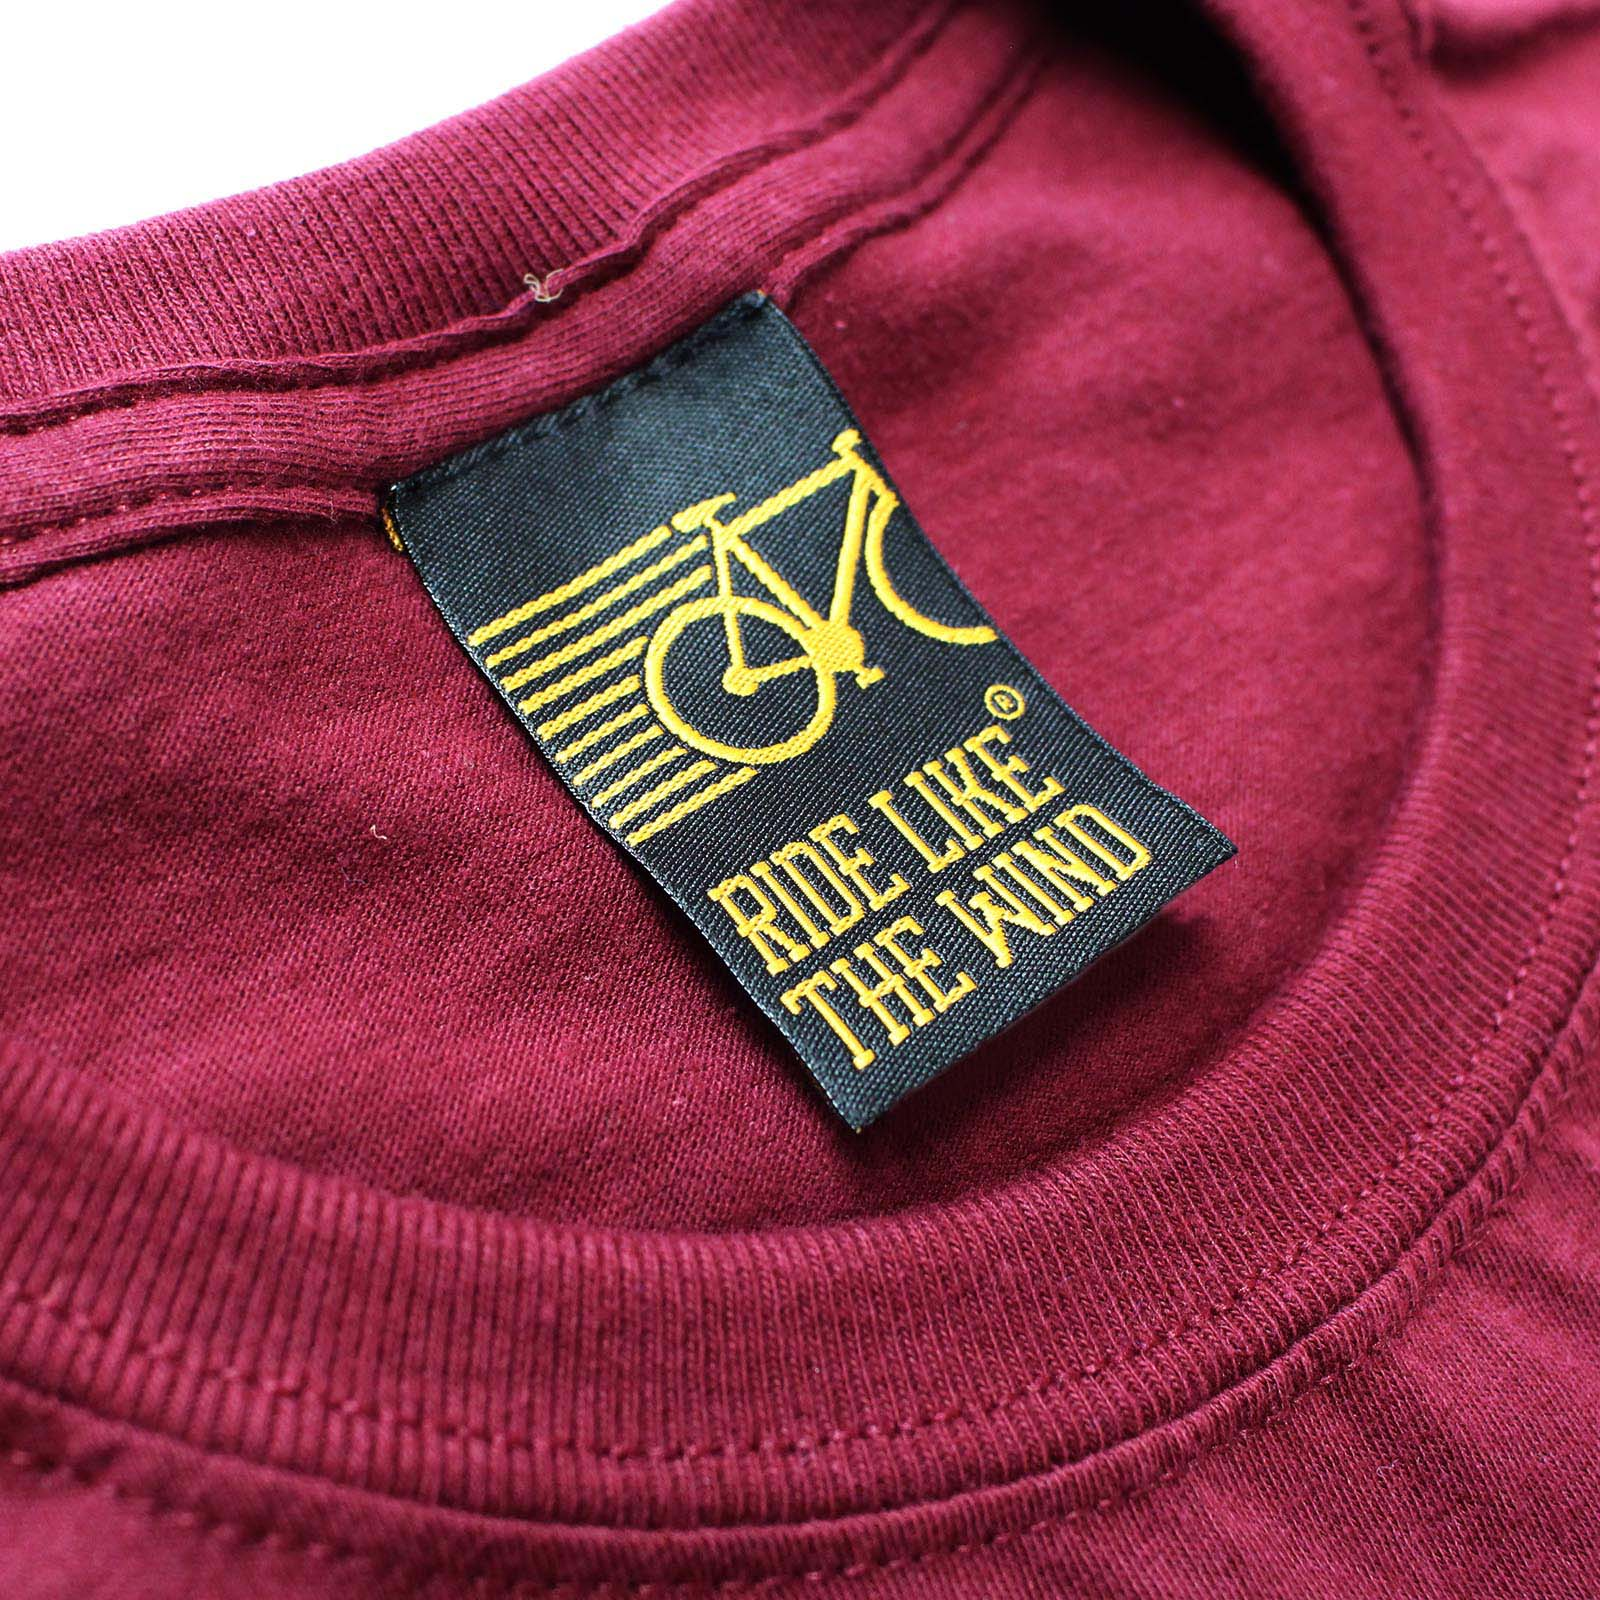 FB-Cycling-Tee-Ocd-Cycling-Novelty-Birthday-Christmas-Gift-Mens-T-Shirt thumbnail 19